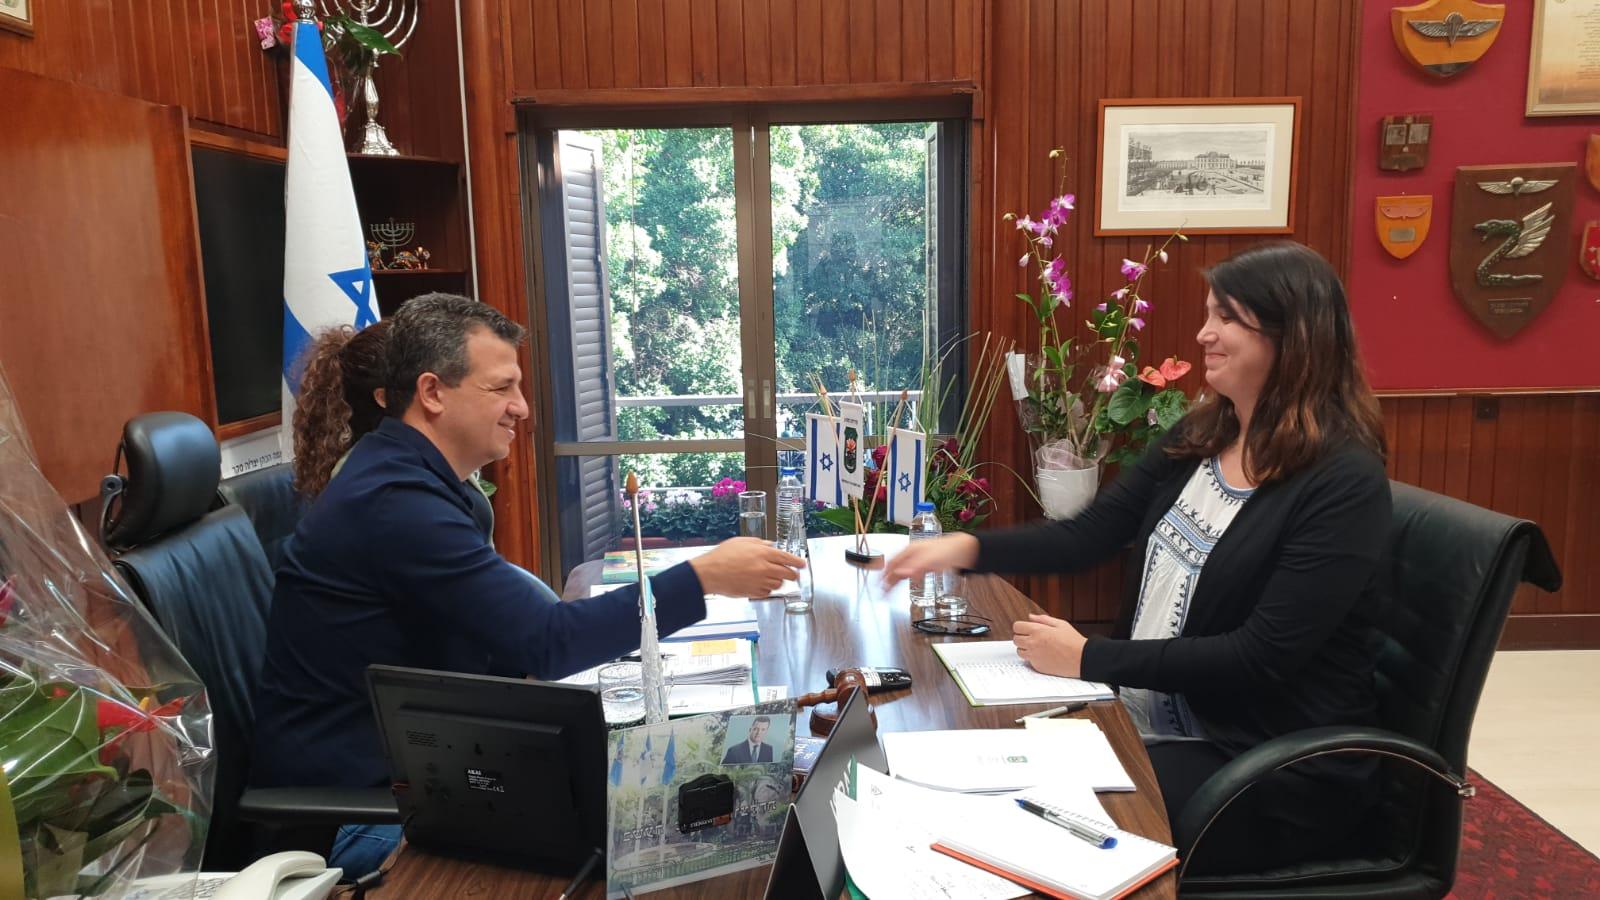 Photo of שירלי פינטו, חירשת דוברת שפת הסימנים, מונתה לשמש כיועצת ראש העירייה לענייני אנשים עם מוגבלות ונגישות